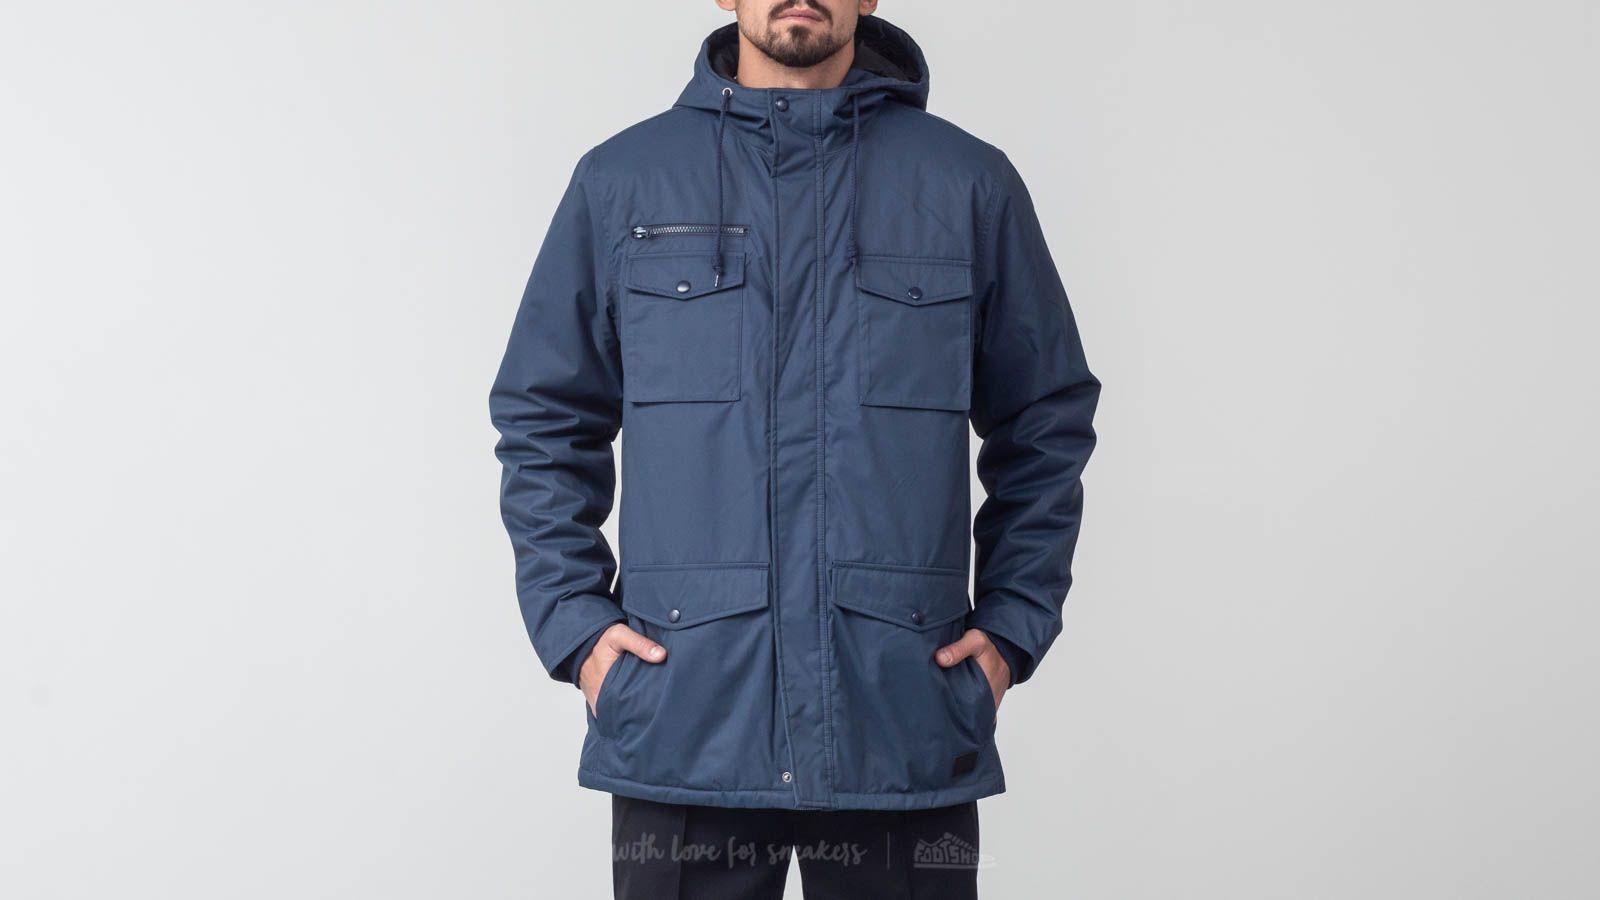 Vans Westmark MTE Jacket